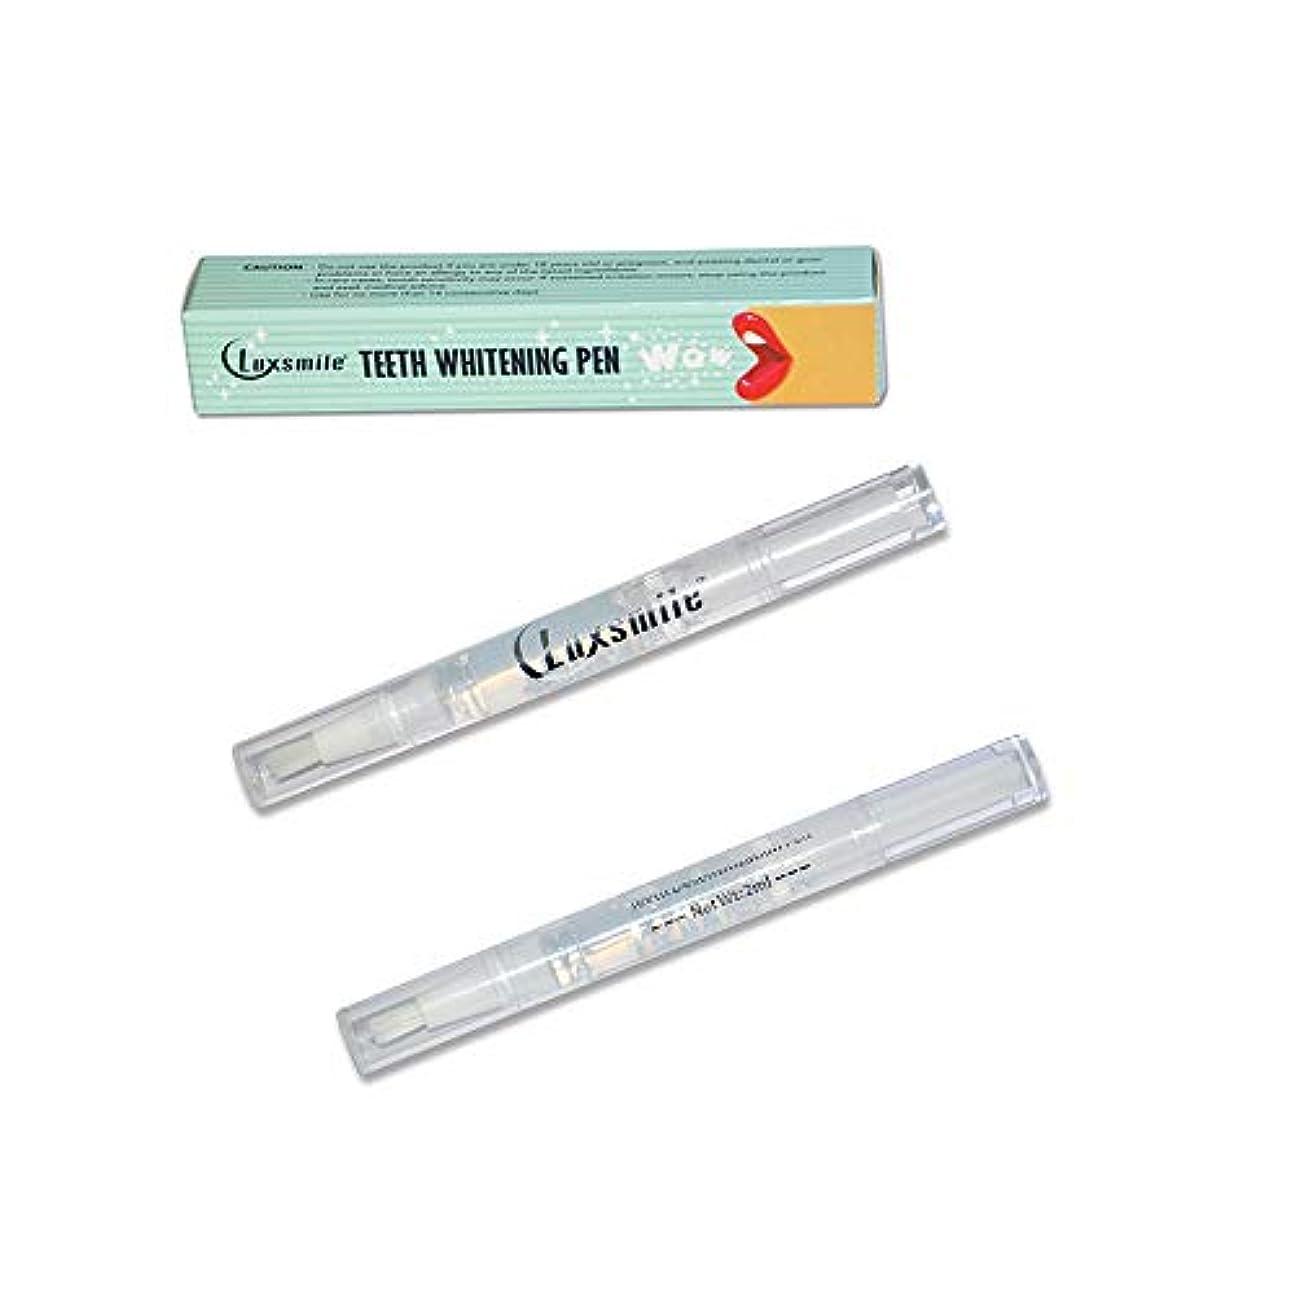 法律匿名三十ホワイトニングペン 2個セット (非過酸化物)